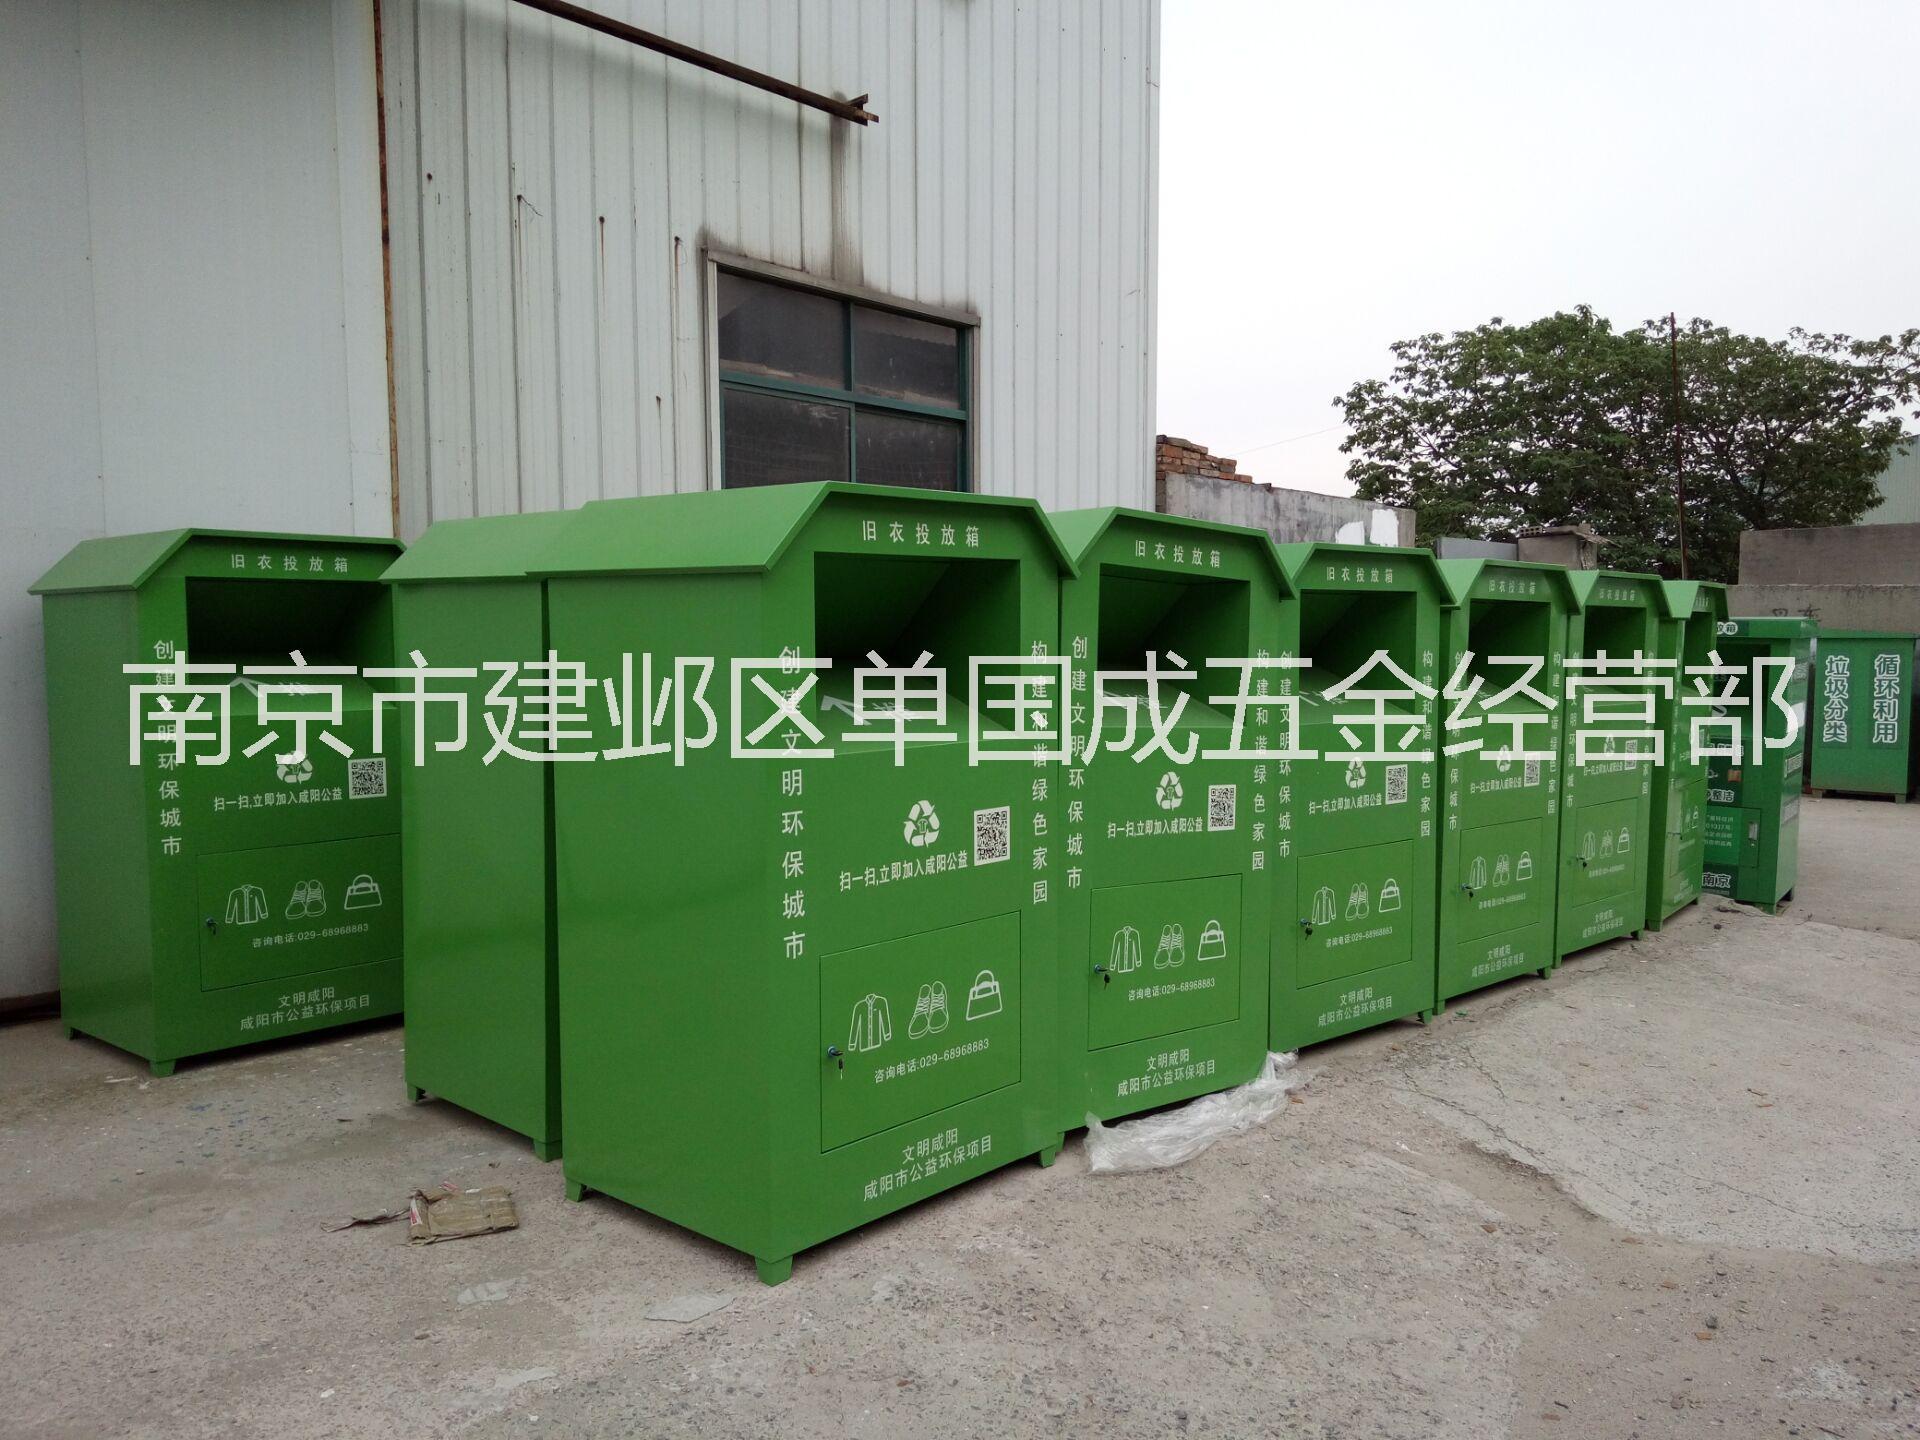 供应旧衣服回收箱厂家 旧衣物回收箱设计生产厂价直供 南京腾飞柜台货架厂专业生产旧衣服回收箱